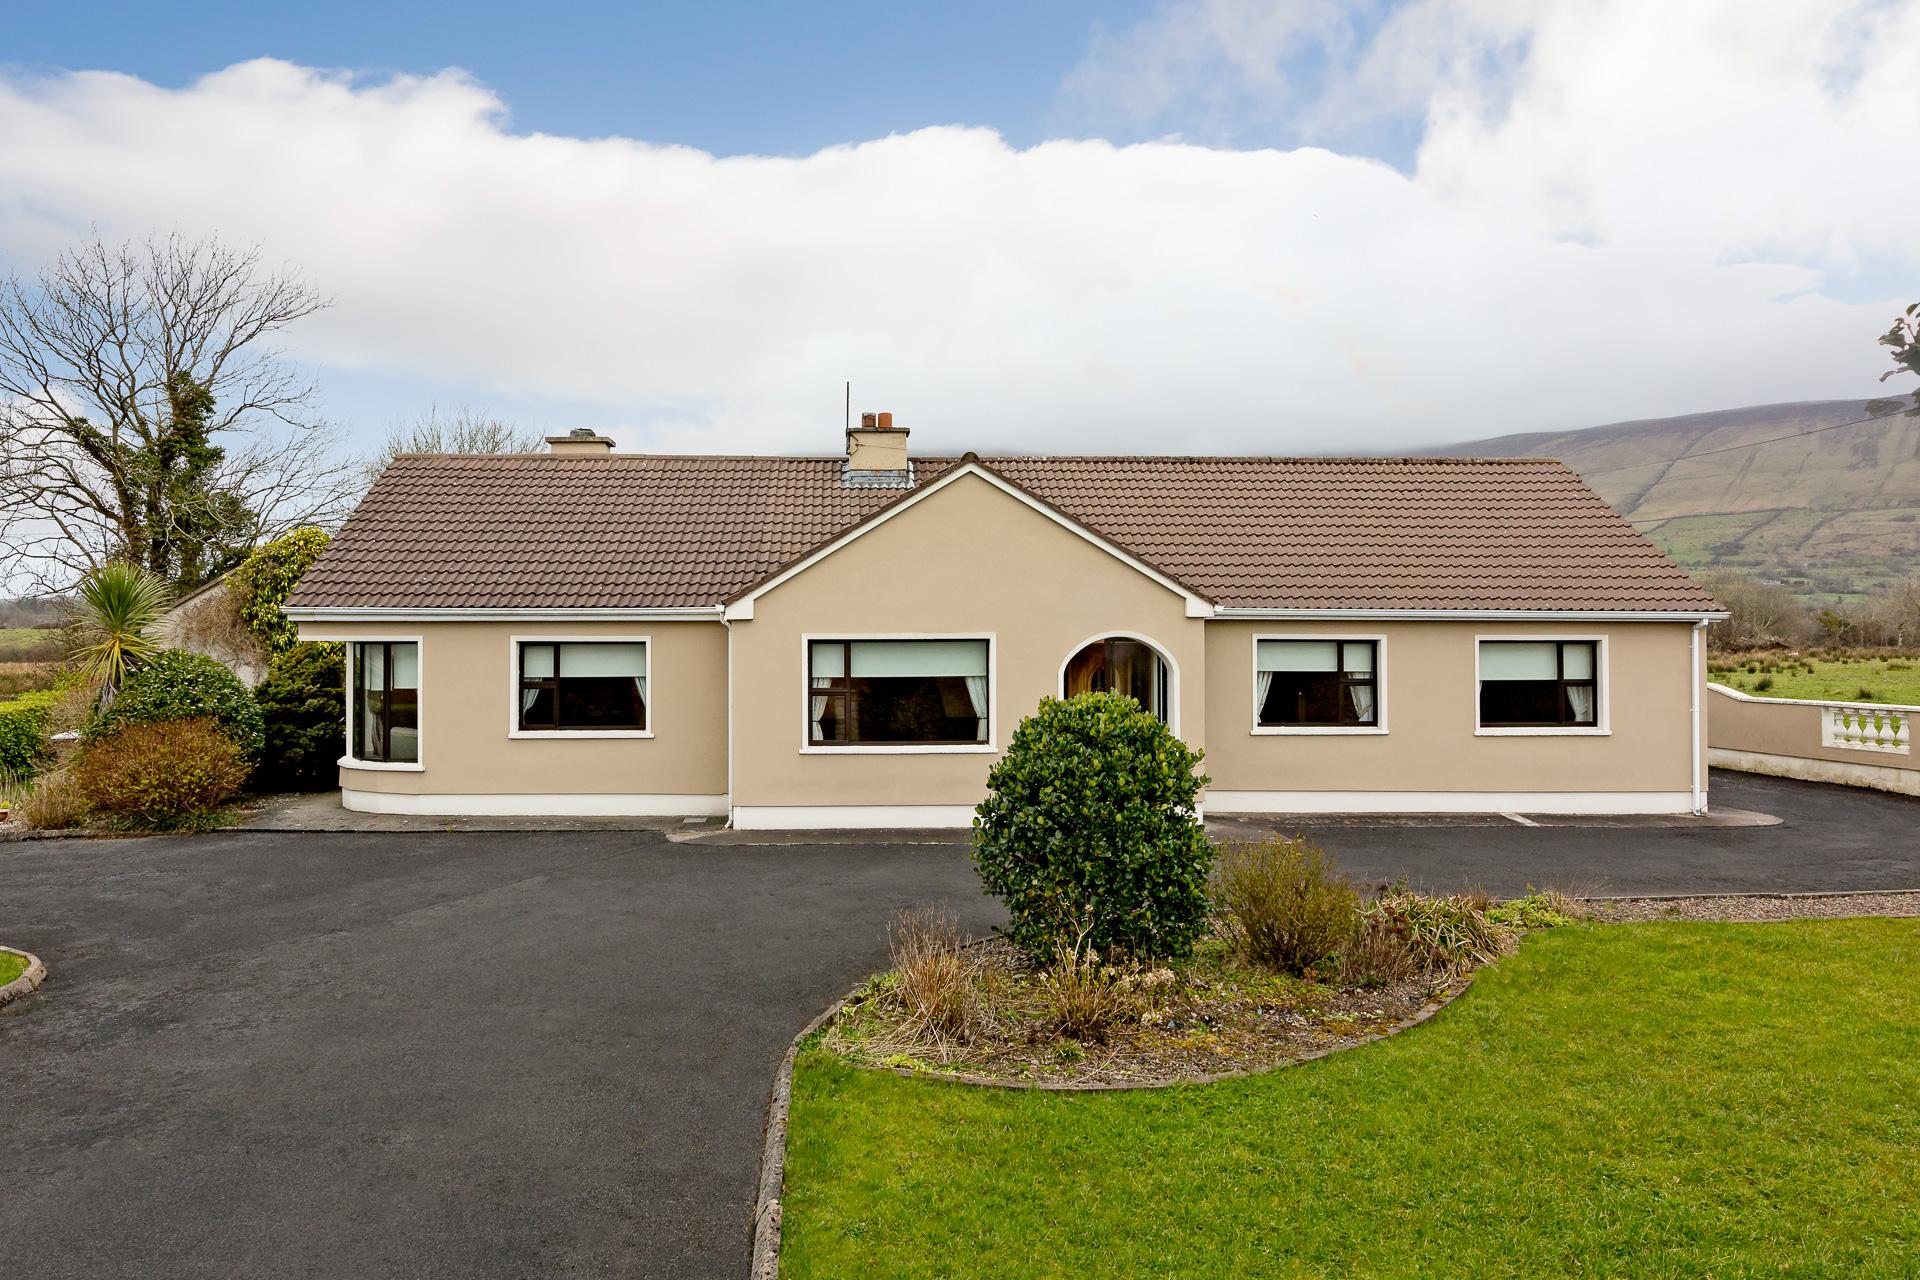 Cullagh Beg, Drumcliffe, Co. Sligo, F91 XD85, Ireland